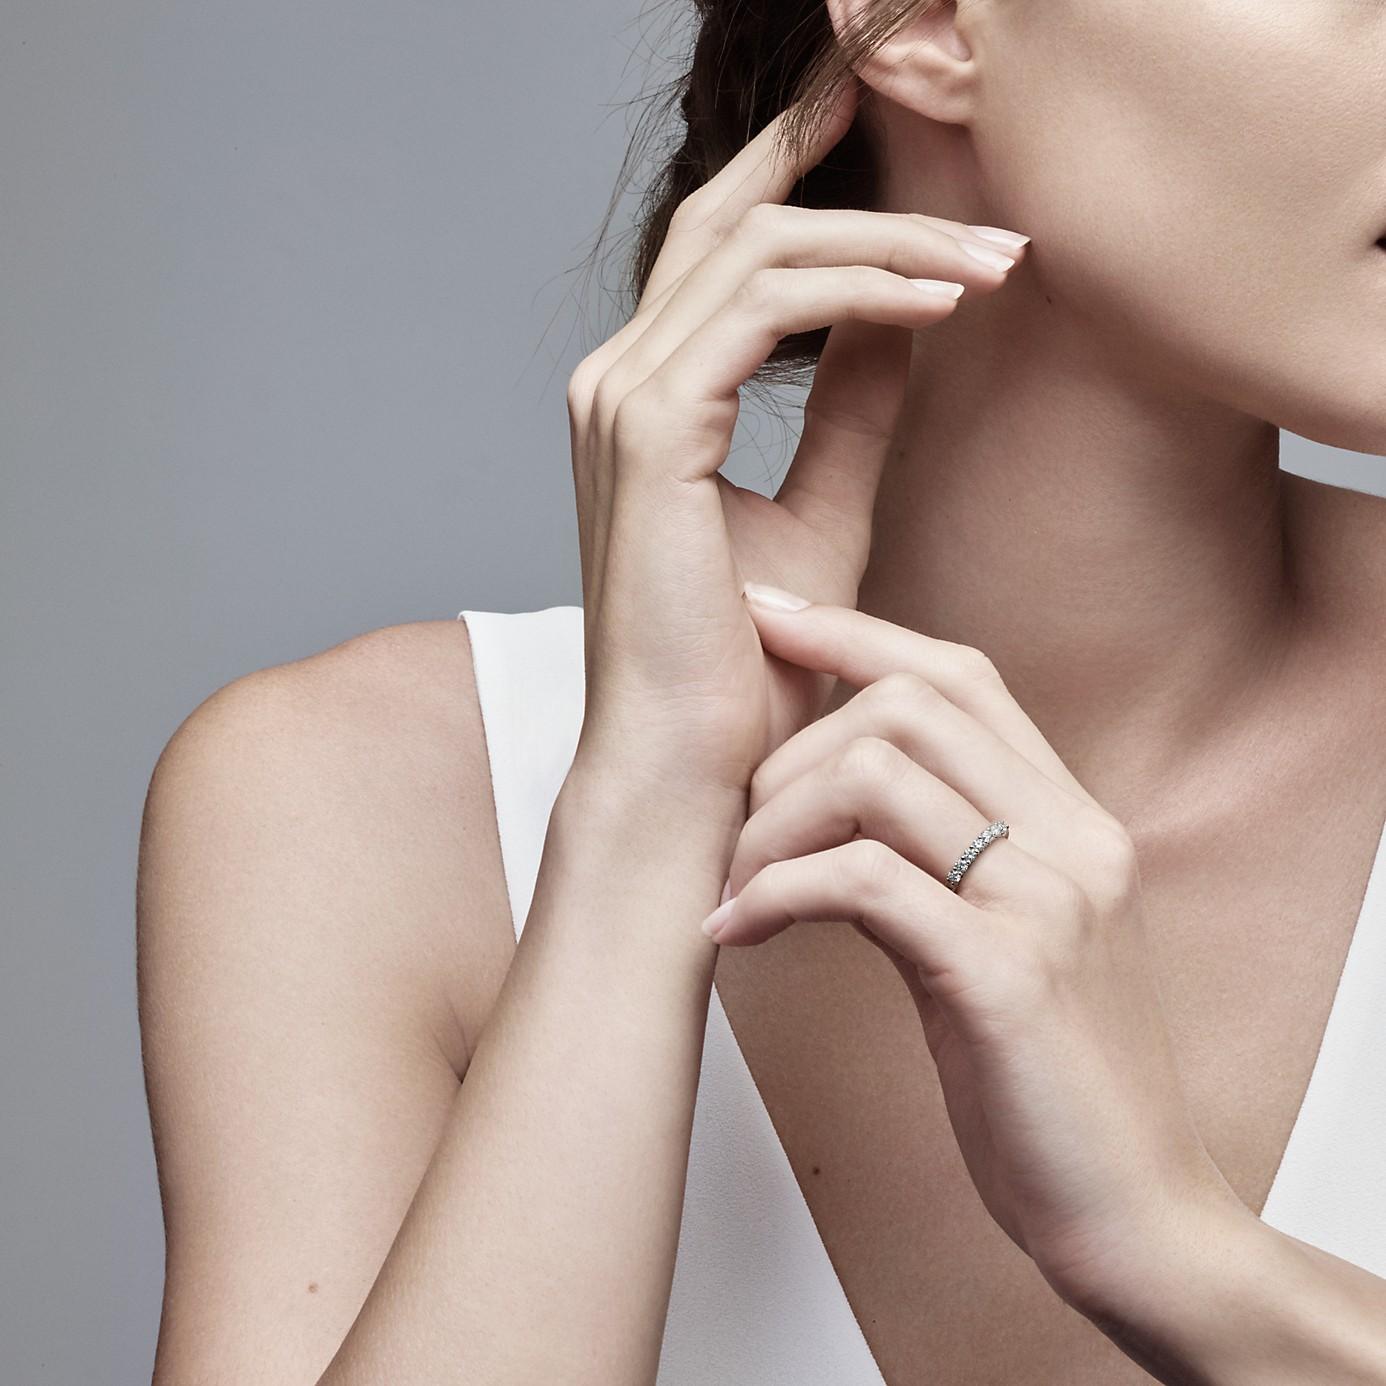 ティファニー エンブレイス バンドリング ダイヤモンド(2)―Tiffany & Co.(ティファニー)